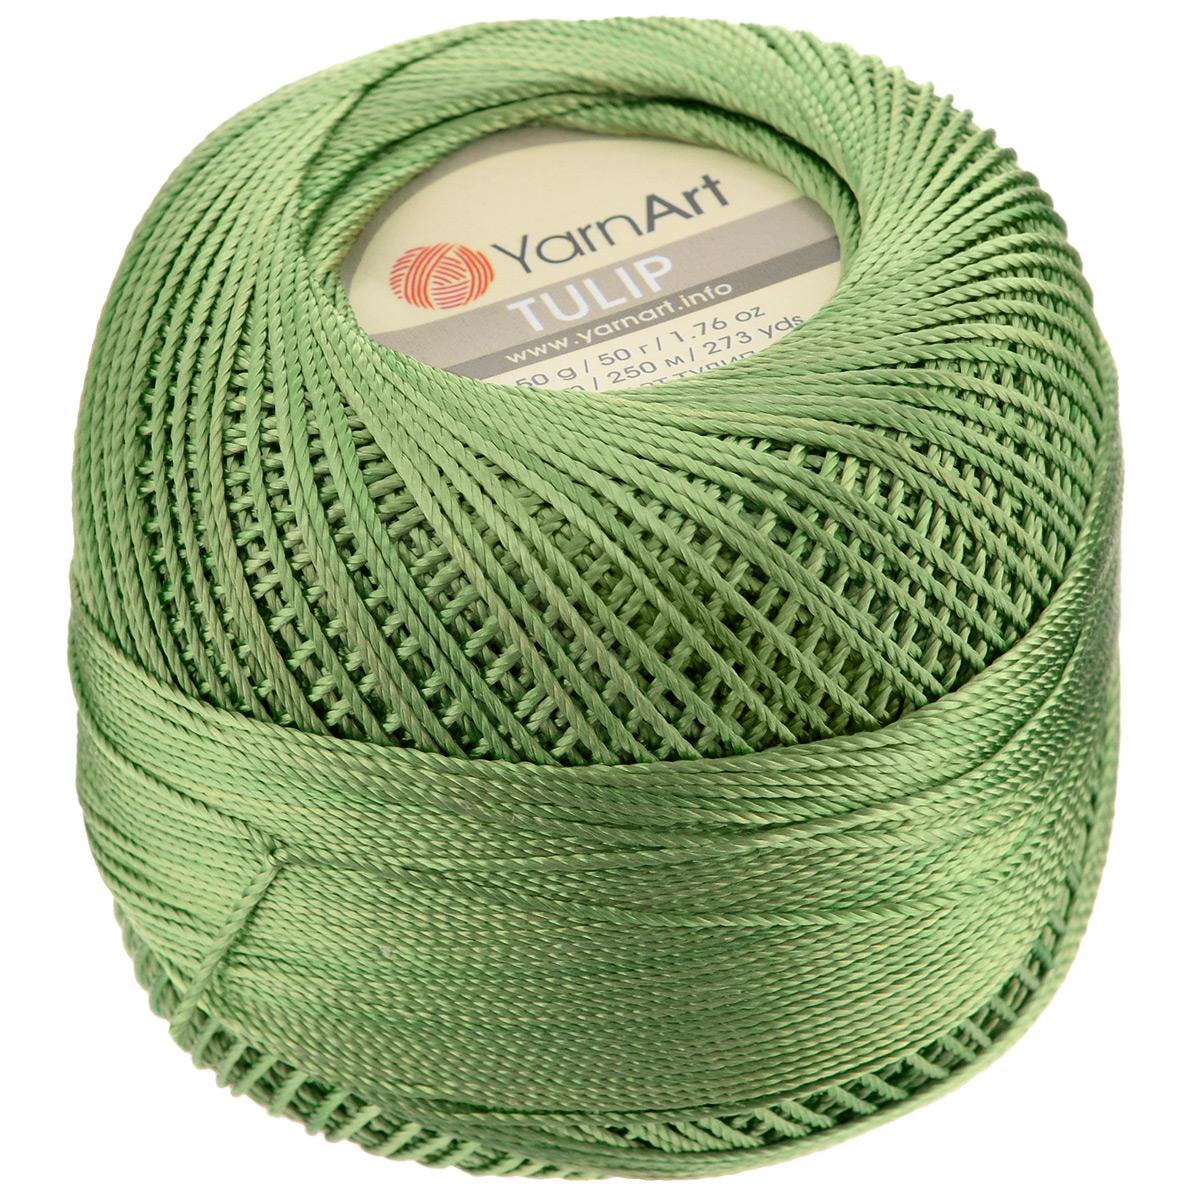 Пряжа для вязания YarnArt Tulip, цвет: болотный (423), 250 м, 50 г, 6 шт372017_423Пряжа для вязания YarnArt Tulip (Ирис) изготовлена из 100% микрофибры. Пряжа приятная на ощупь, легкая, тонкая и упругая. Хорошо смотрится практически в любых узорах, не косит, послушно ложится в узоры и спицами, и крючком. Ниточка блестящая и такими же блестящими получаются изделия из нее. Нить удобна и практична тем, что хорошо смотрится как в объемных рельефных узорах, так и в самой простой чулочной вязке. Пряжа Tulip - классический вариант демисезонной пряжи, идеальна для создания летней одежды, купальников, аксессуаров, бижутерии, салфеток, ирландского кружева, жгутов и т.д. Нежная текстура ниток подходит для создания одежды детям. Изделия получаются легкими, не деформируются и не вытягиваются ни при вязании, ни при последующей носке. Микрофибра гипоаллергенна, поэтому вязаные вещи подходят даже для чувствительной кожи. Богатая цветовая гамма однотонных и меланжевых расцветок порадует рукодельниц и удовлетворит даже самых взыскательных модниц. Нить очень...